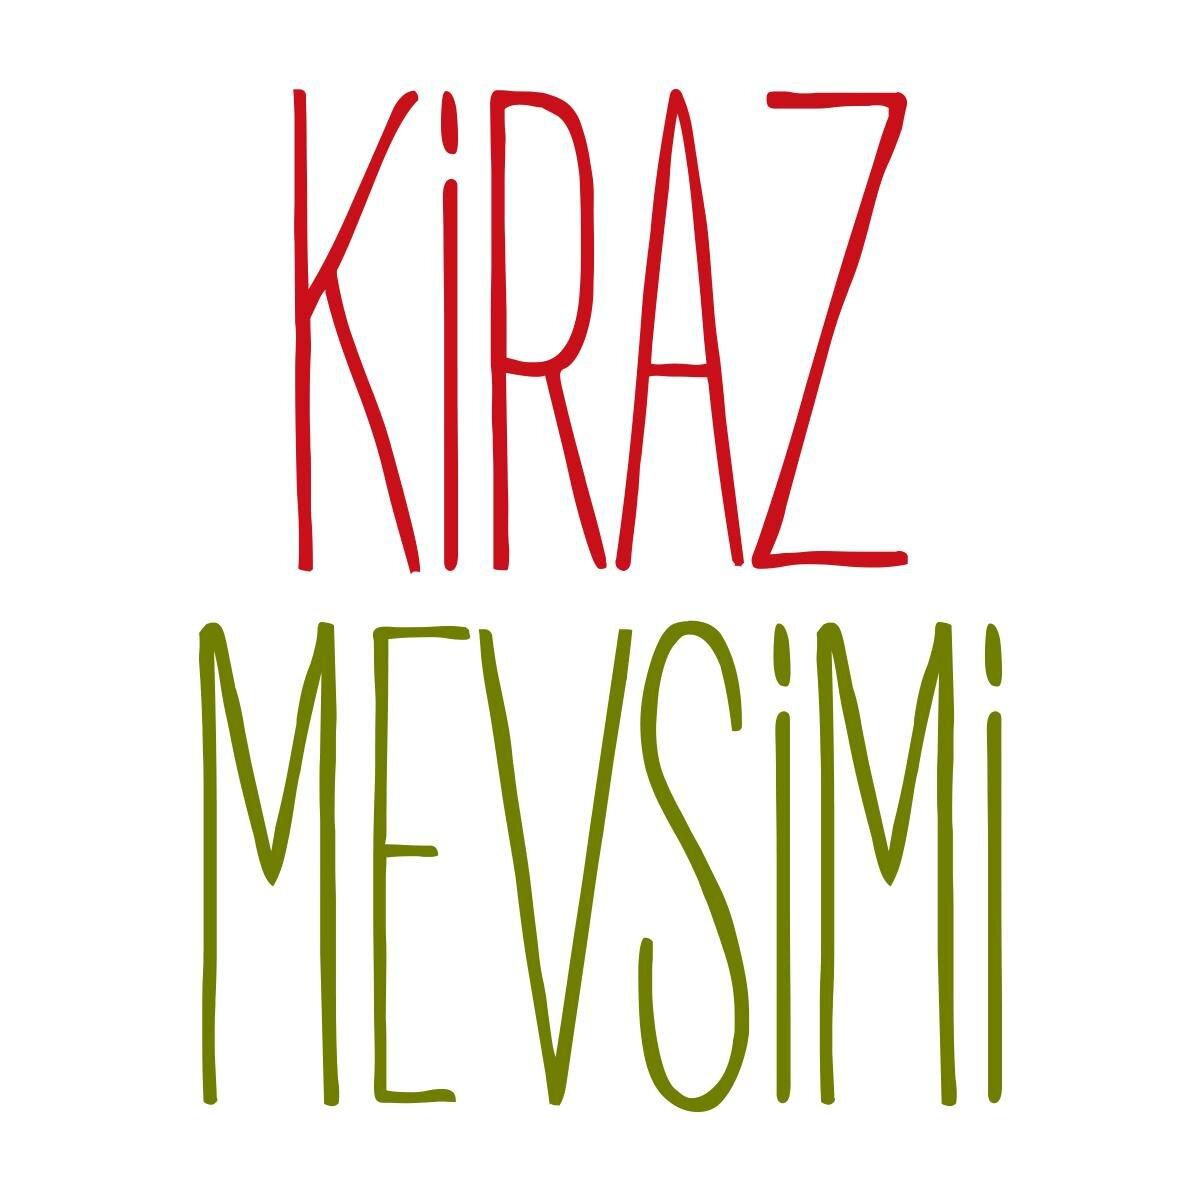 @kirazzmevsimi